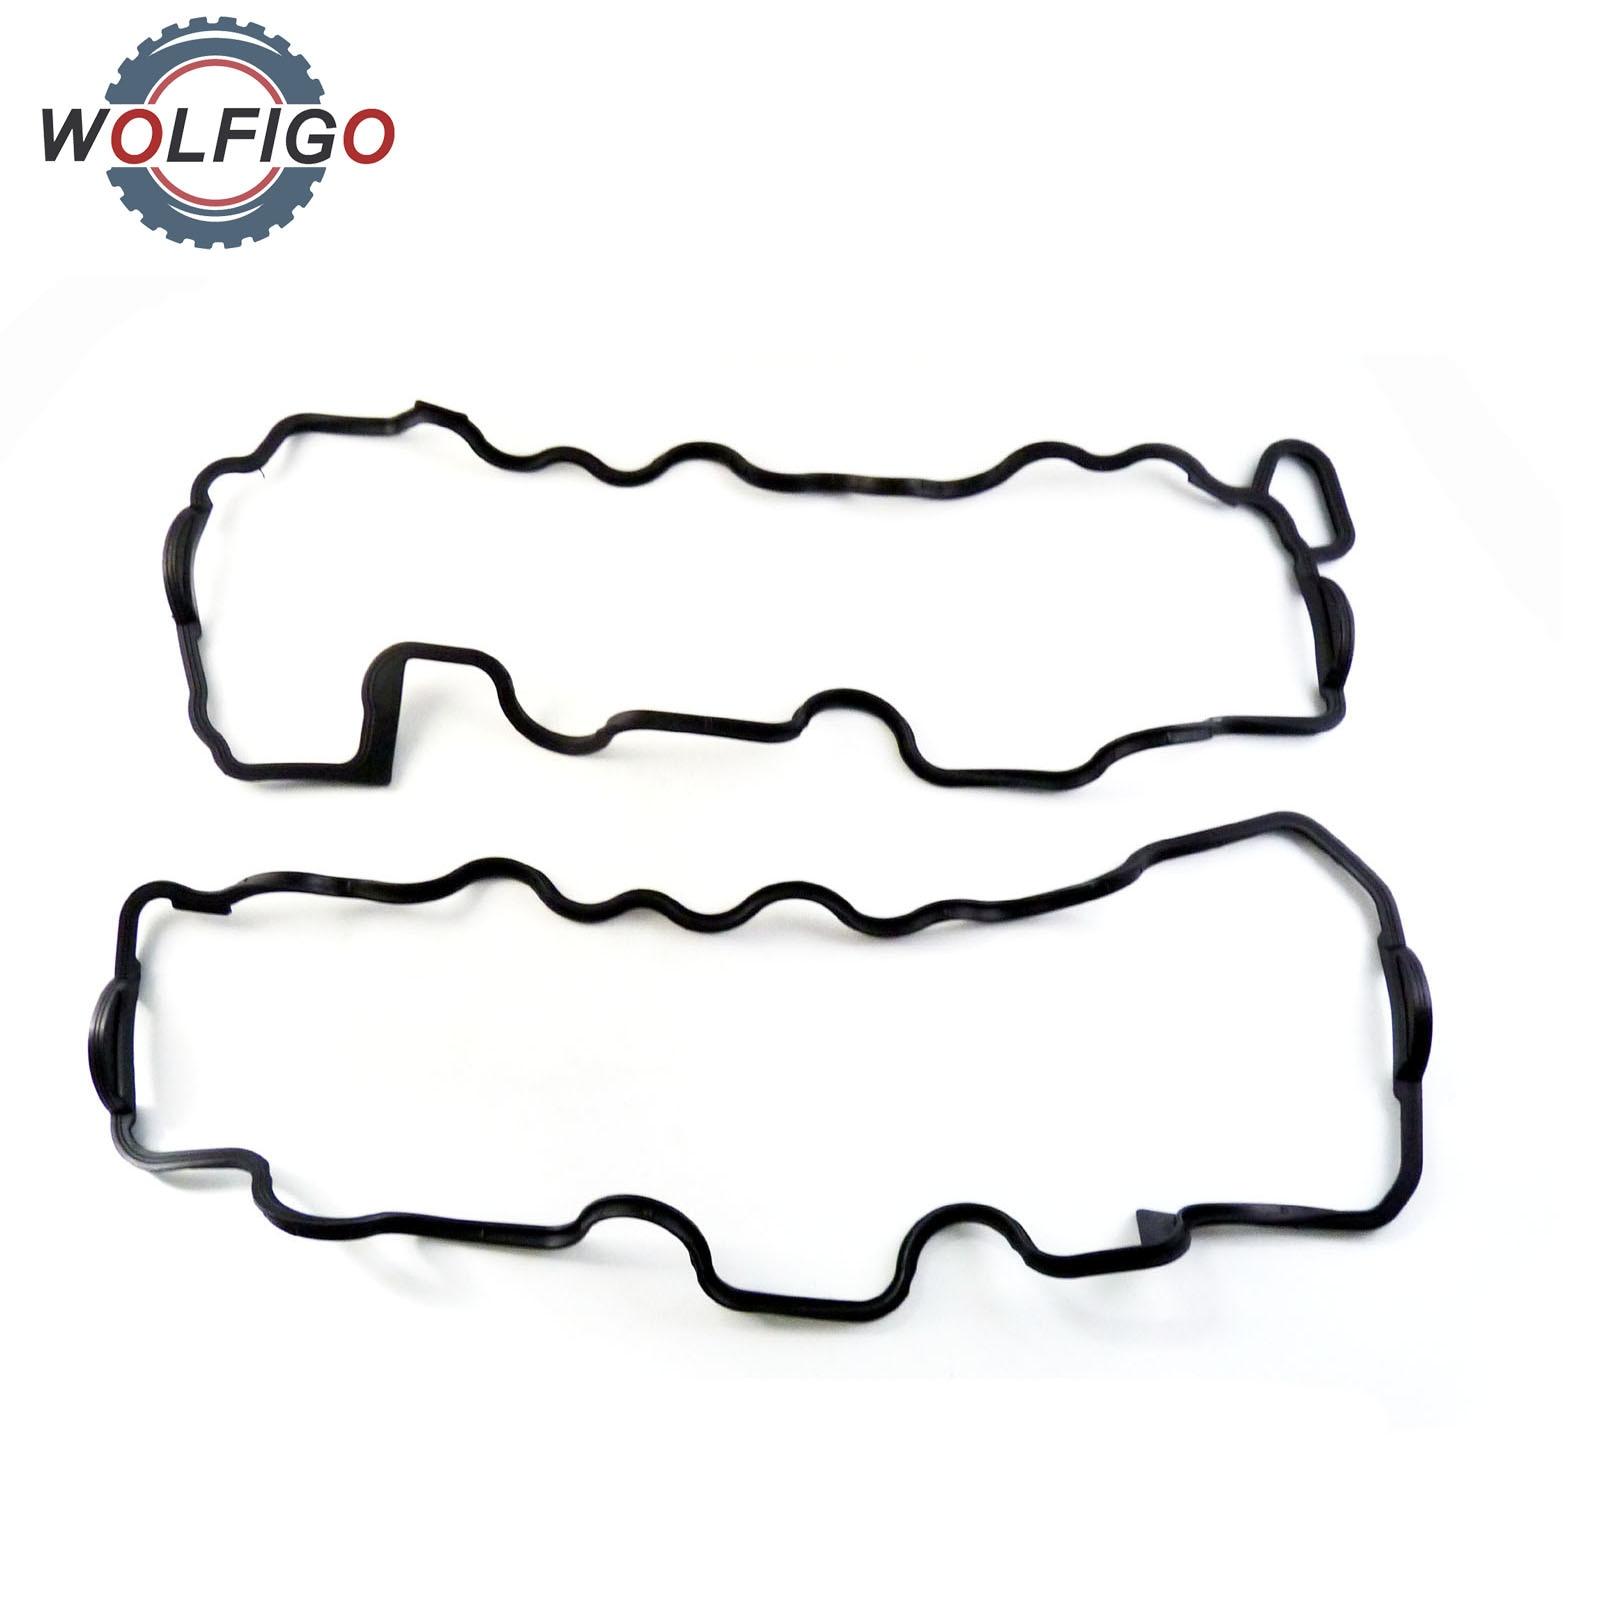 Wolfigo For Mercedes W202 W210 W211 W220 W163 1 Pair